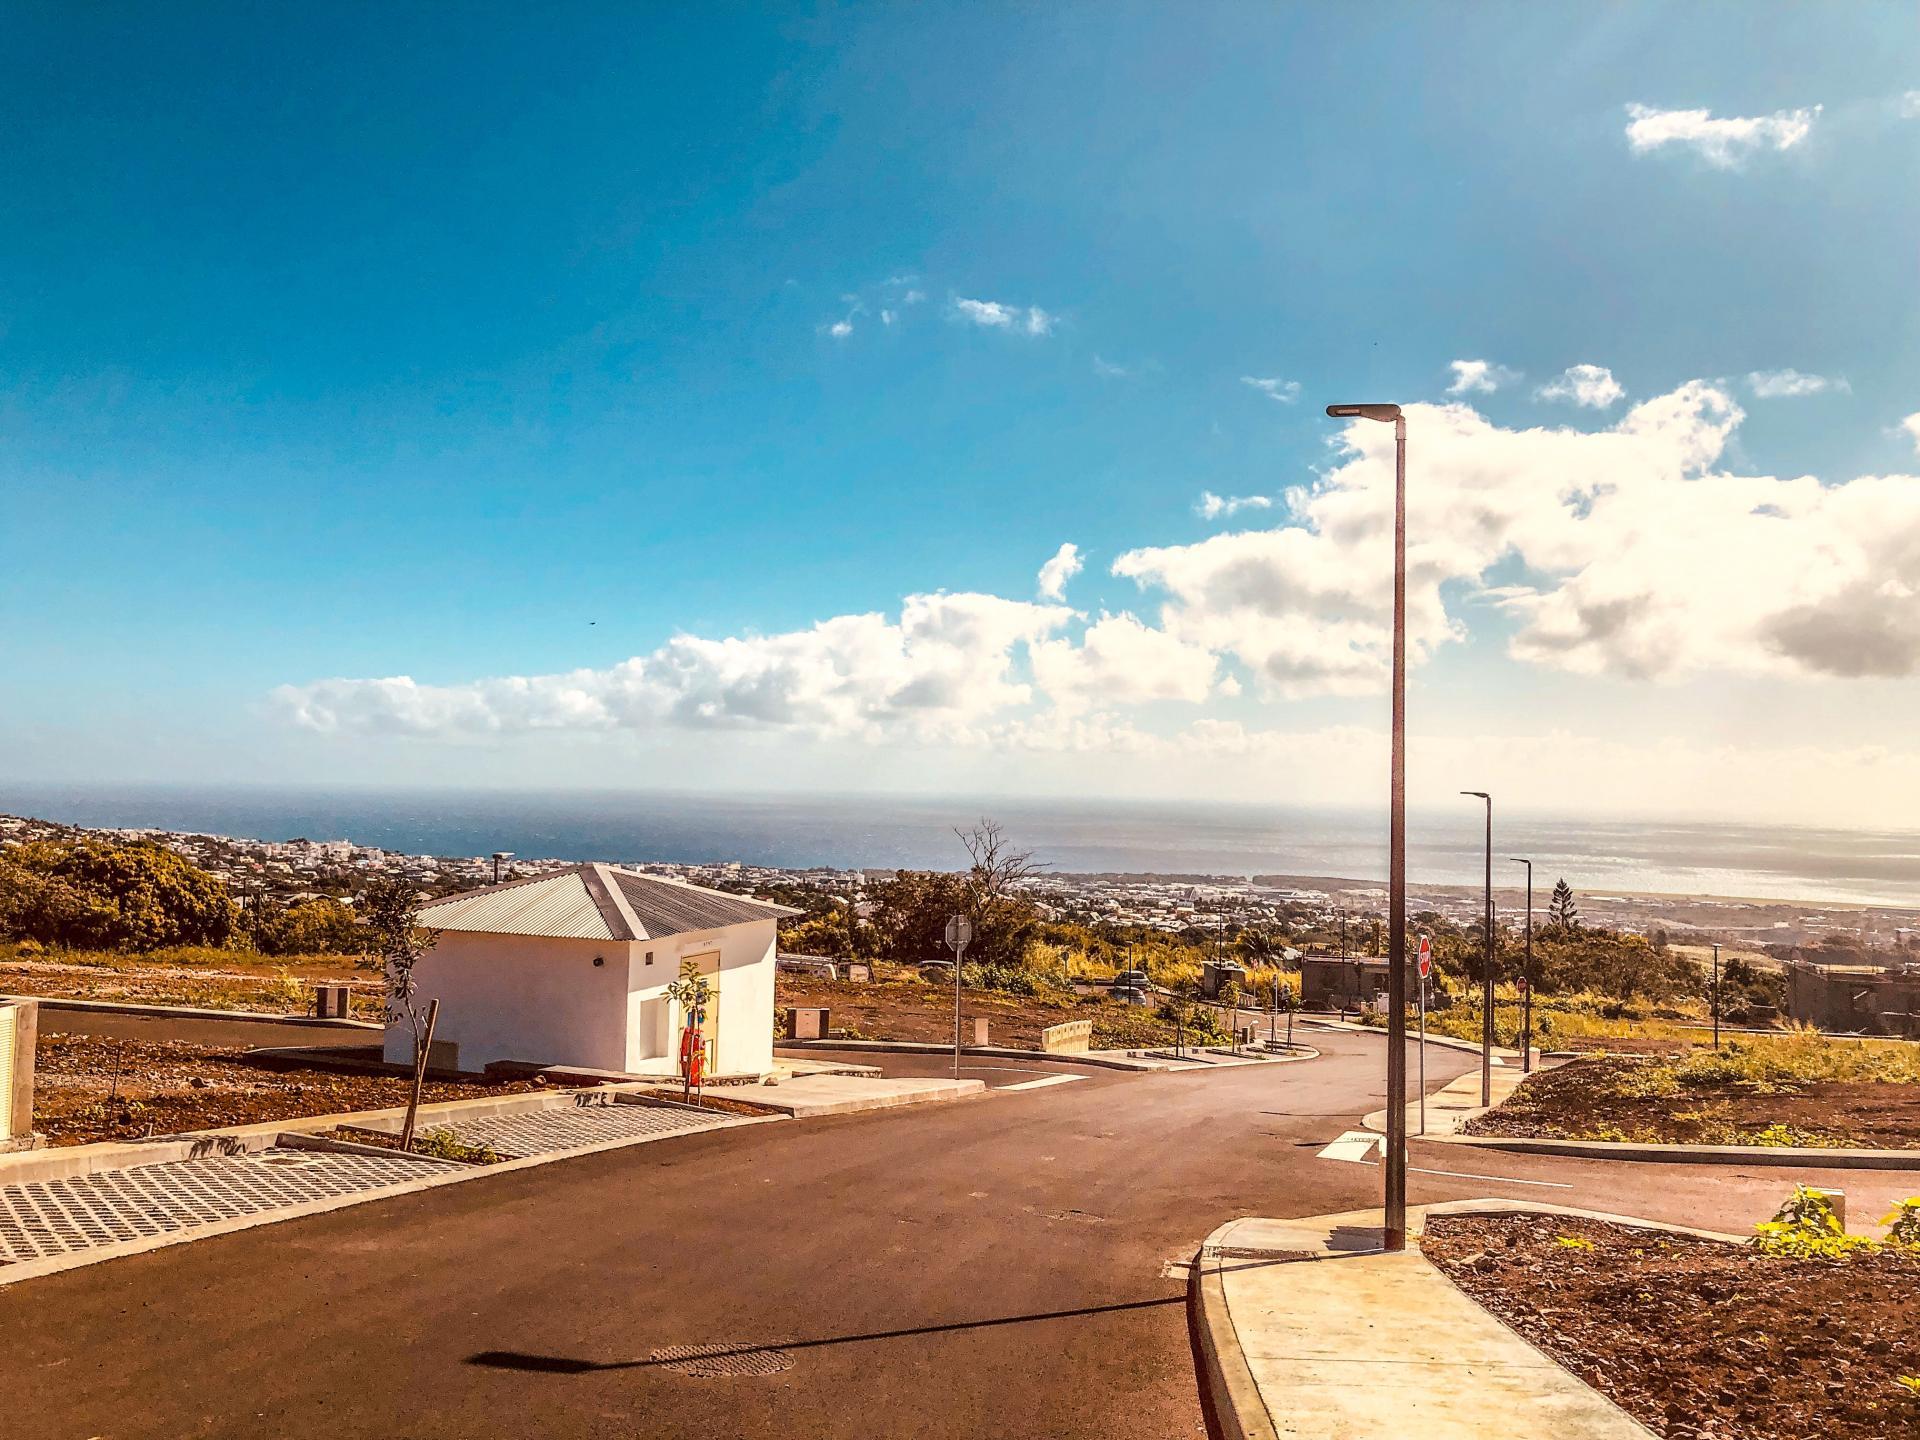 Parcelles en lotissement sur Saint Denis - La Bretagne - Réunion